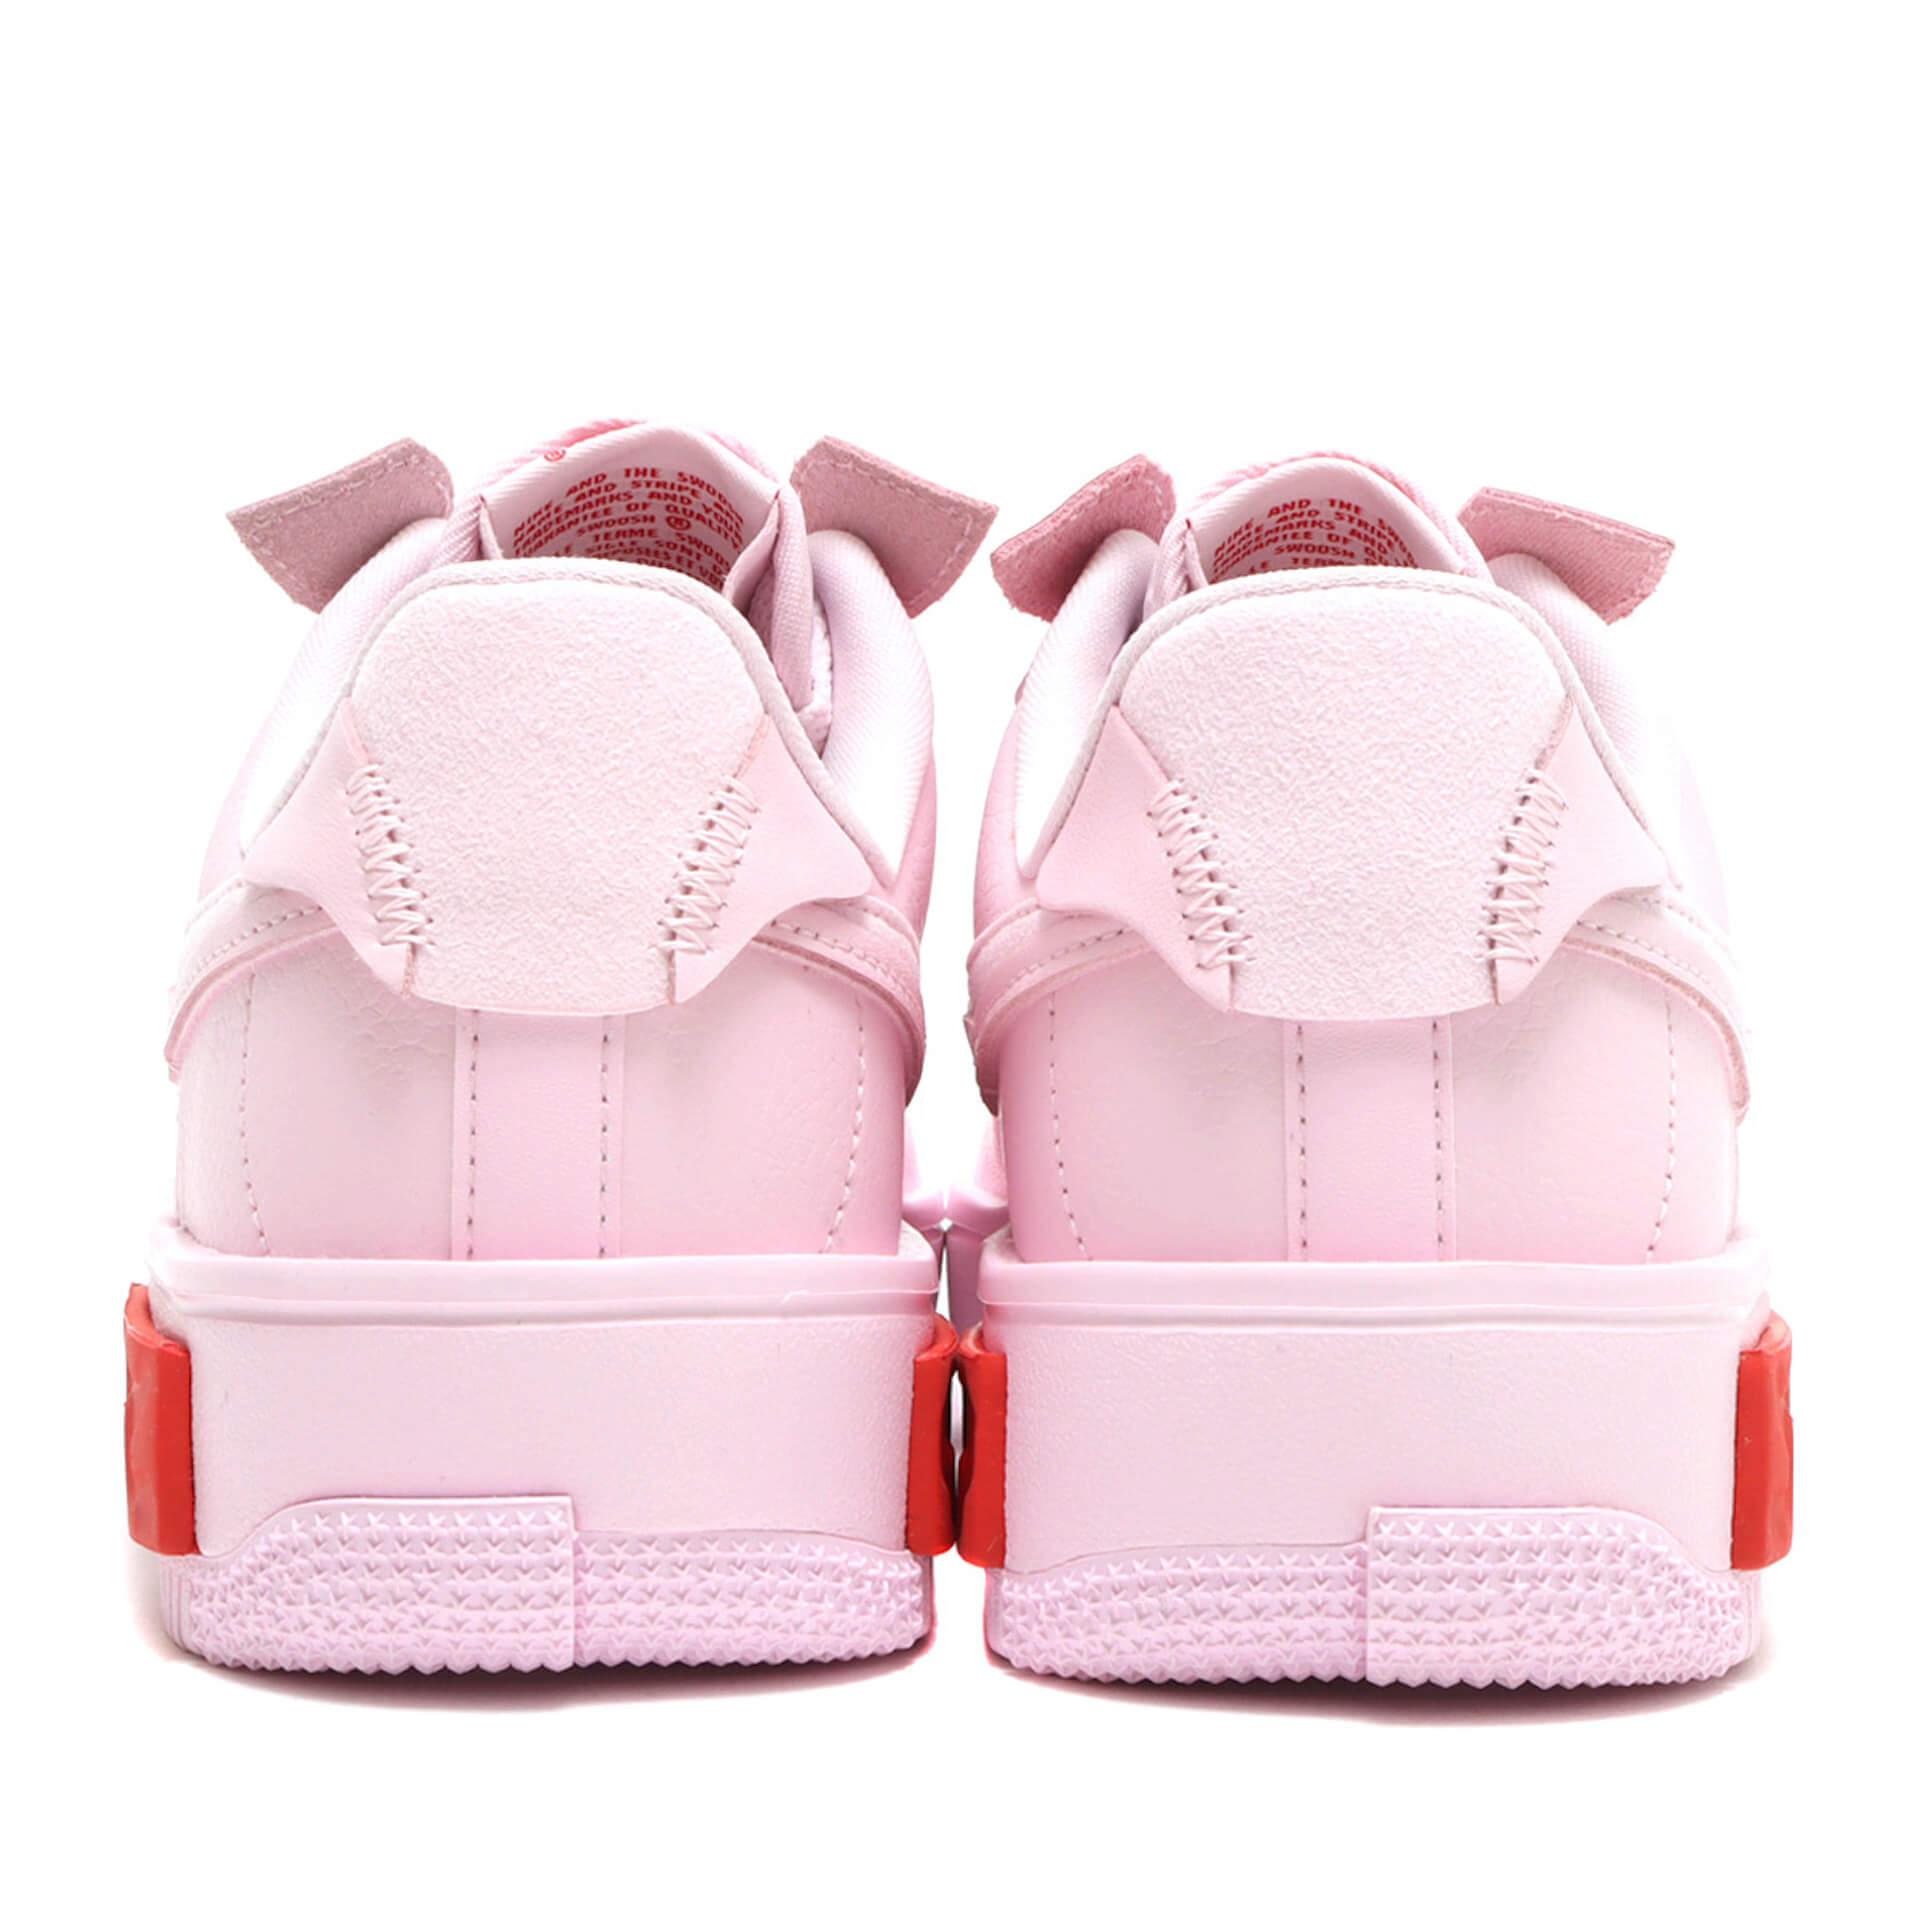 atmos pinkからNIKE W AIR FORCE 1 FONTANKA PINKが限定発売!ちゃんみなのダンスオーディションも開催 fashion_210727_airforce_cyanmina10